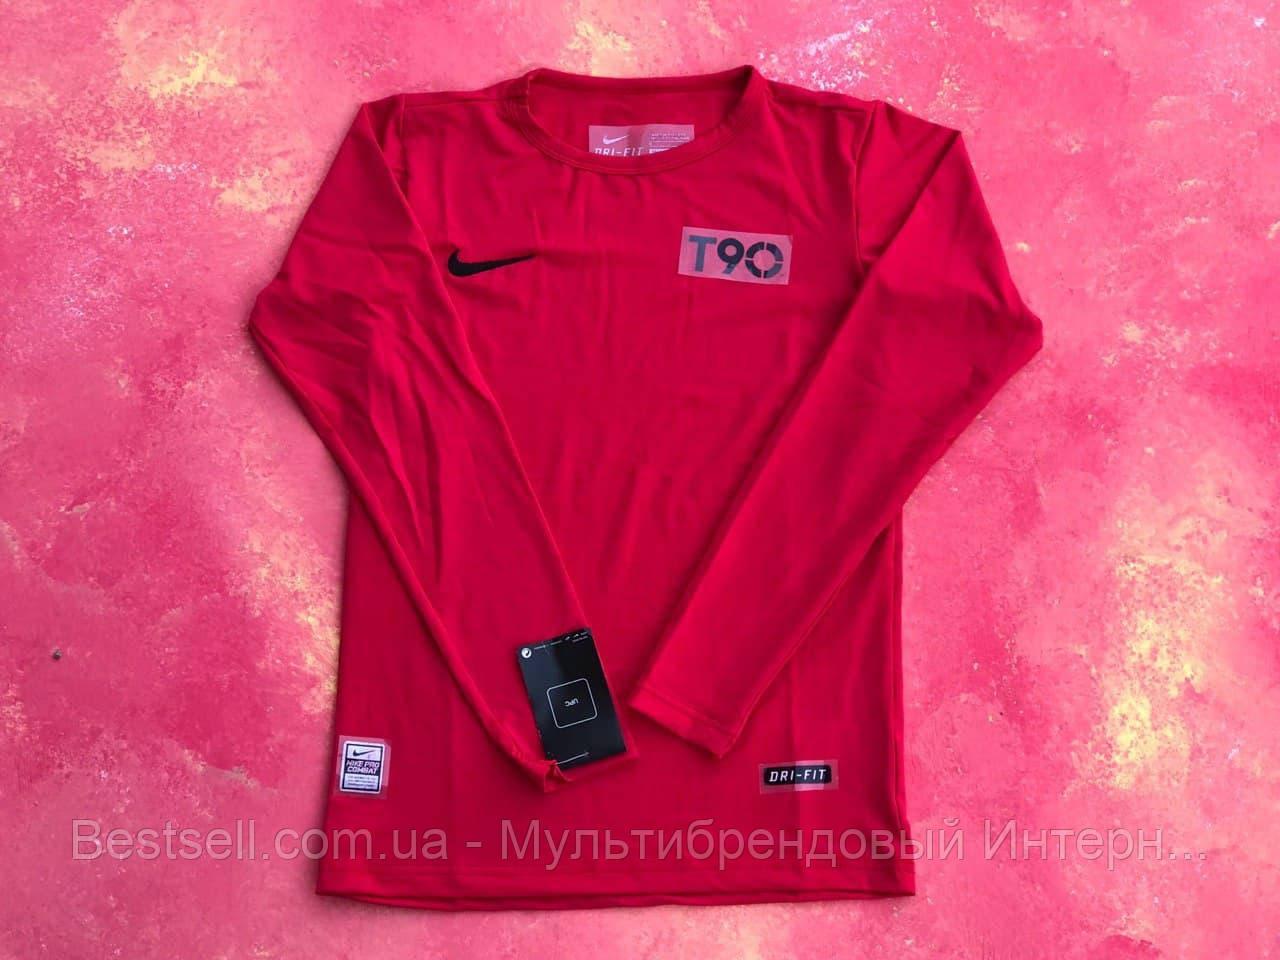 Термо-кофта червона Nike Pro Combat Core Compression / компресійні кофта / термобілизна